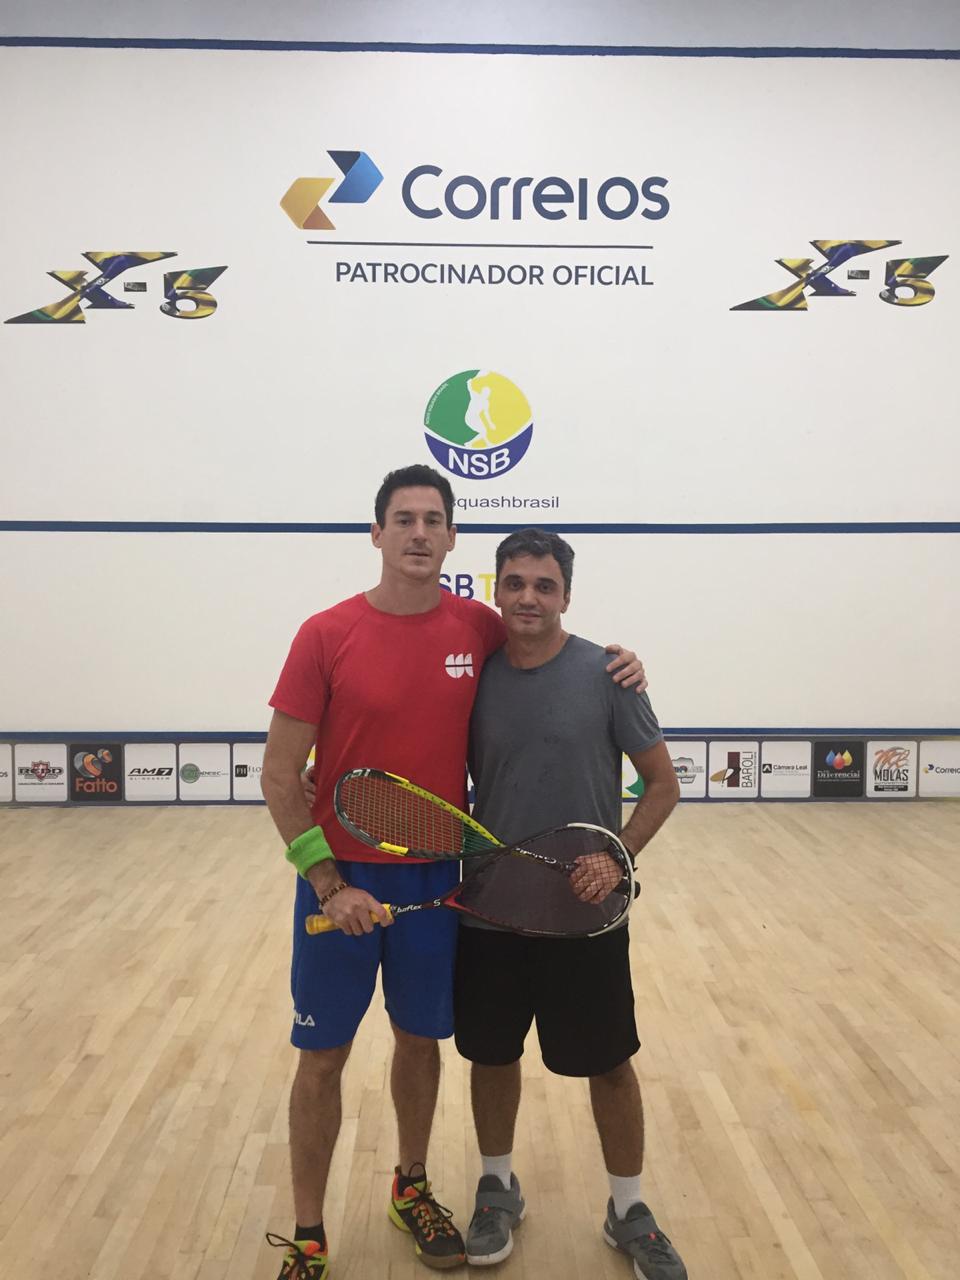 Circuito Correios de Squash – NSB tem quartas de final e semifinal neste sábado em São Paulo